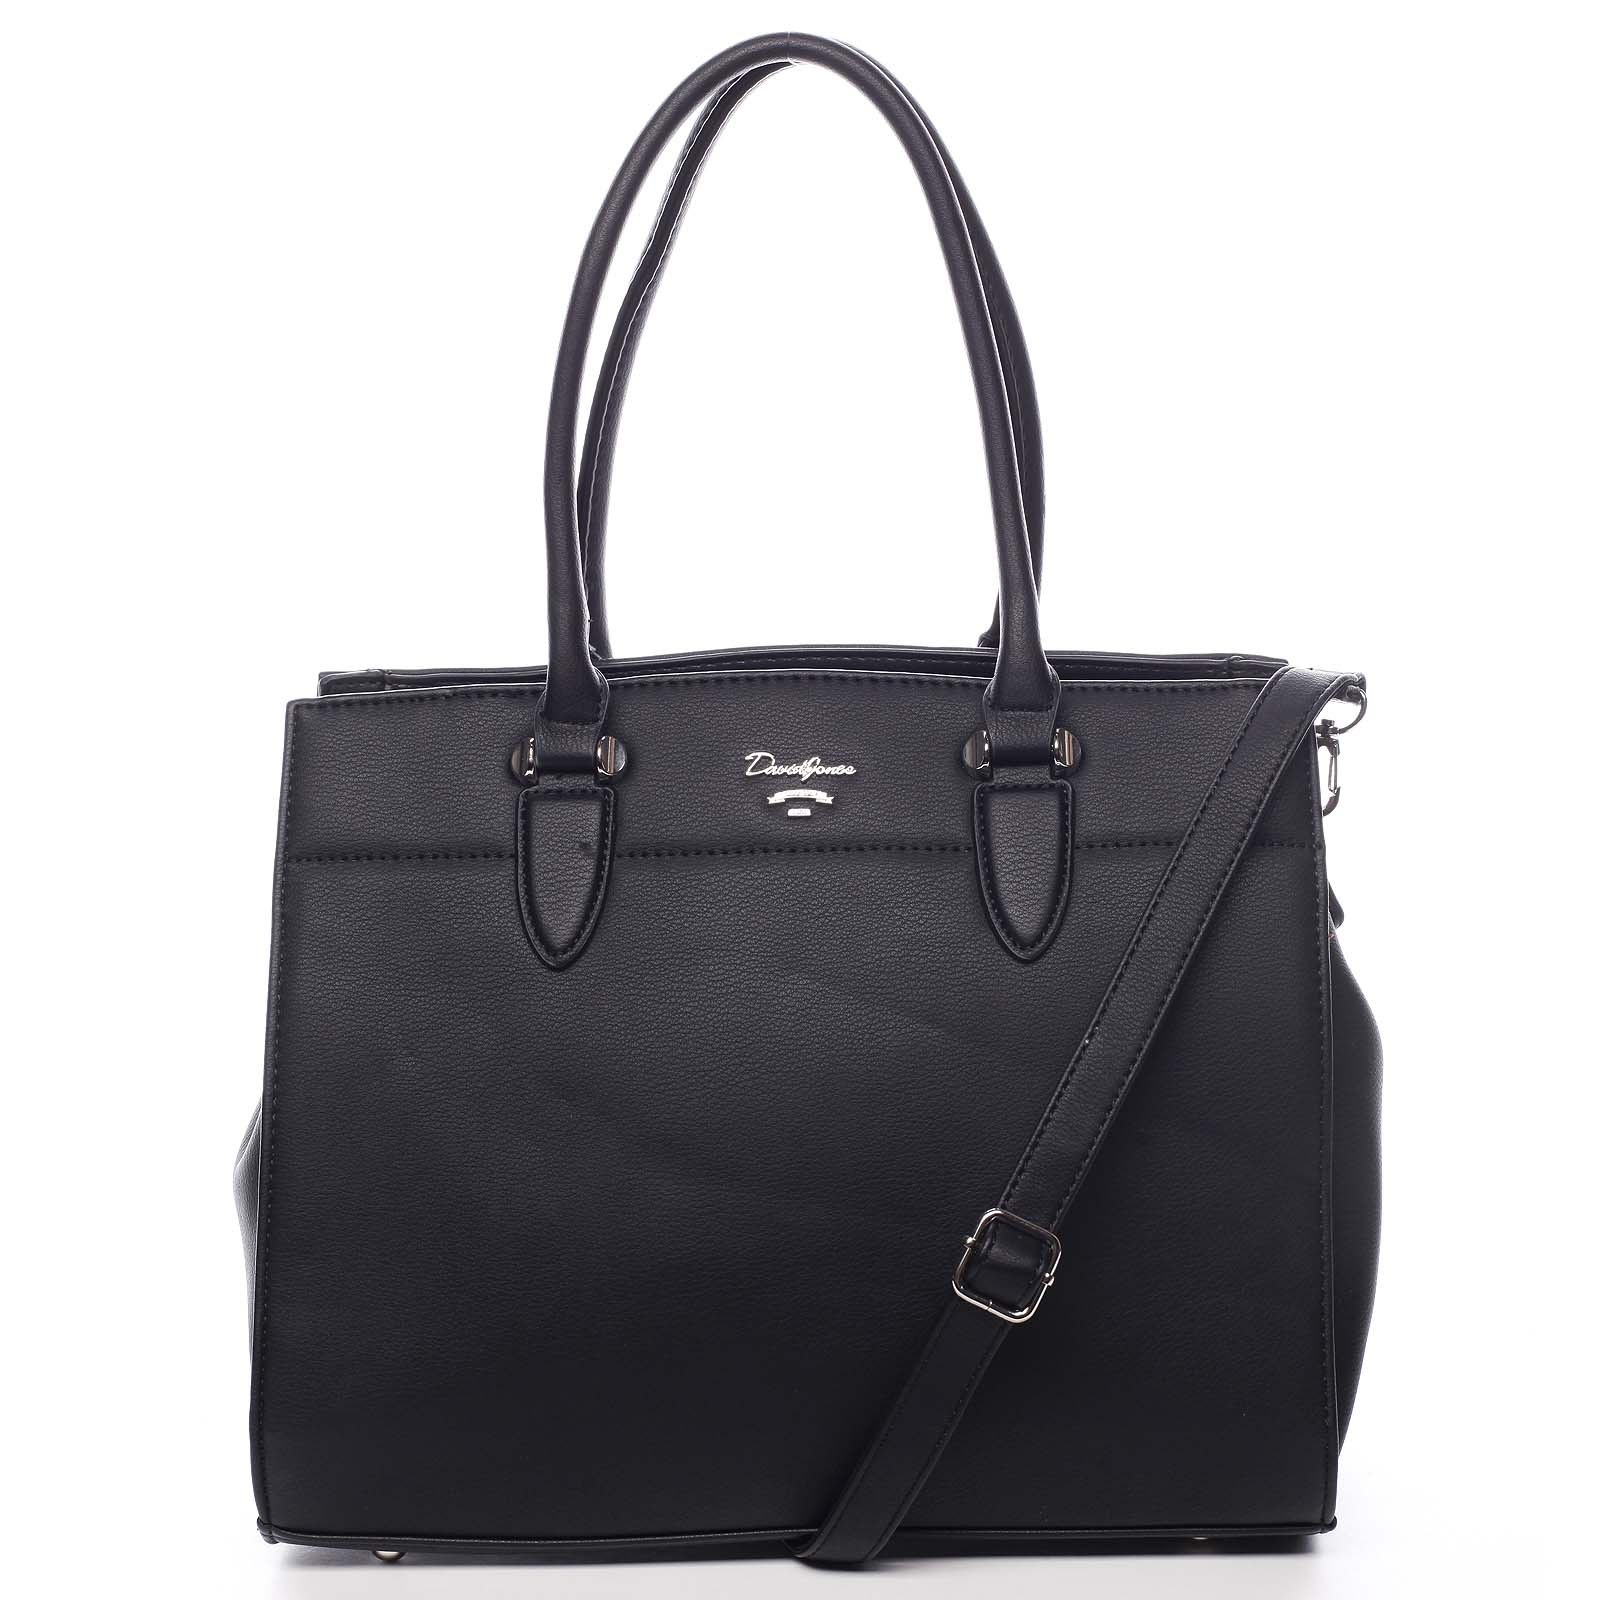 Dámska kabelka čierna - David Jones Toya čierna